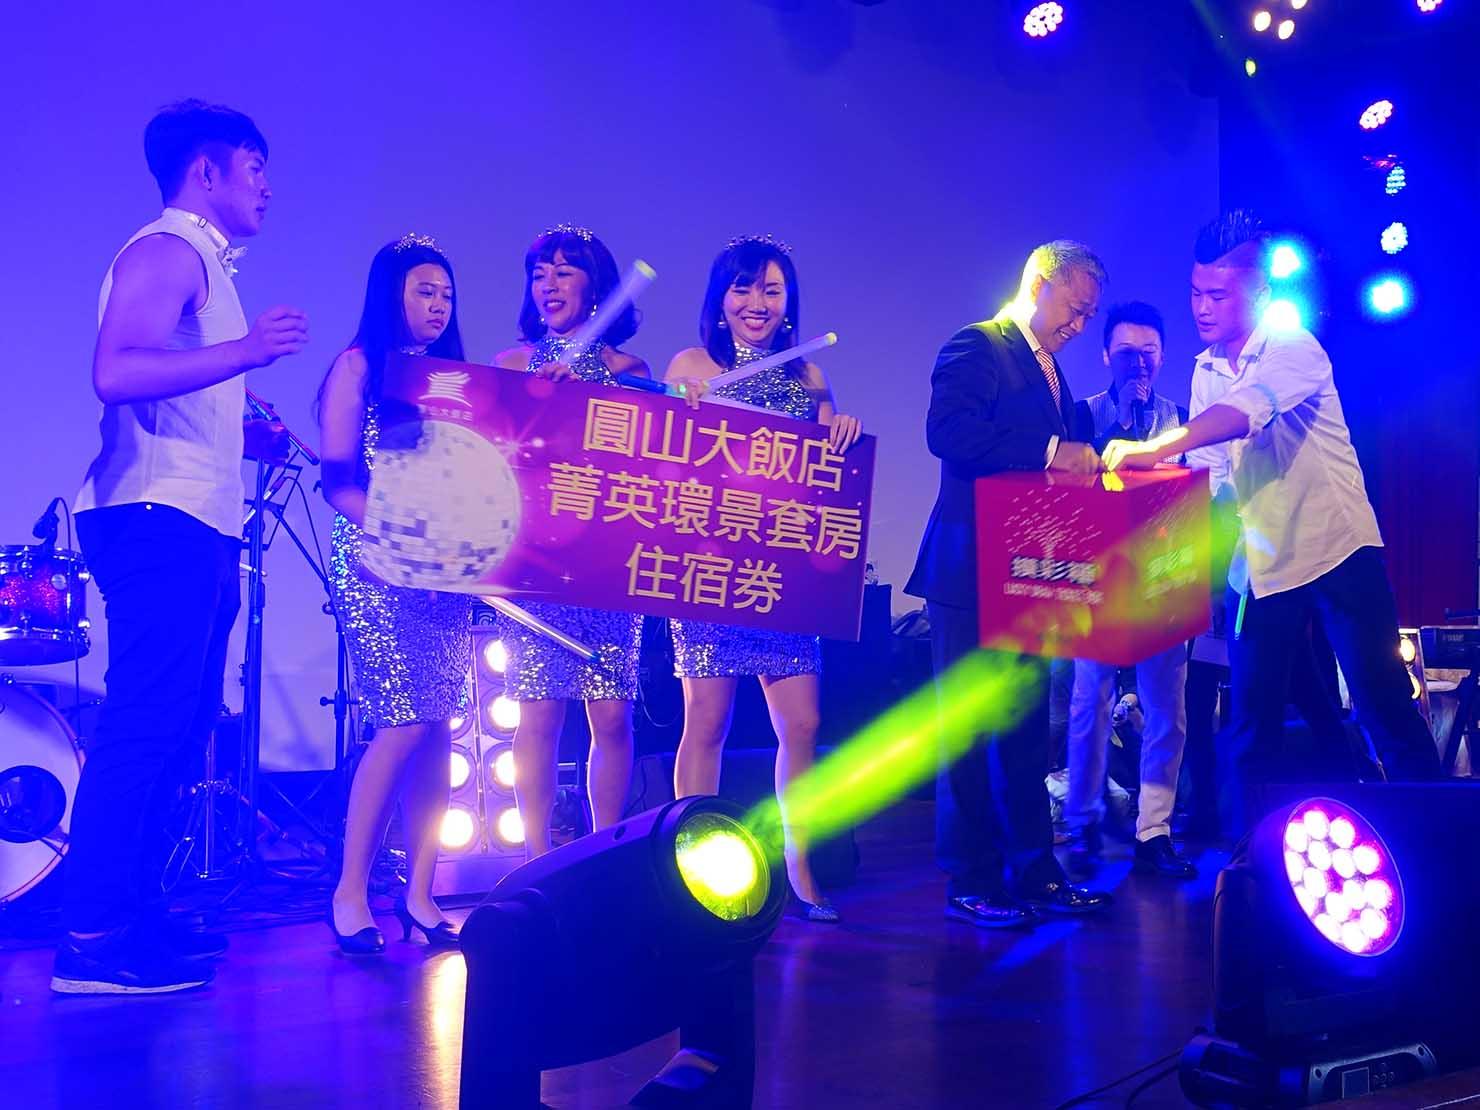 台北・圓山大飯店のカウントダウンパーティー「Bling Bling跨年派對」ステージで始まる抽選大会